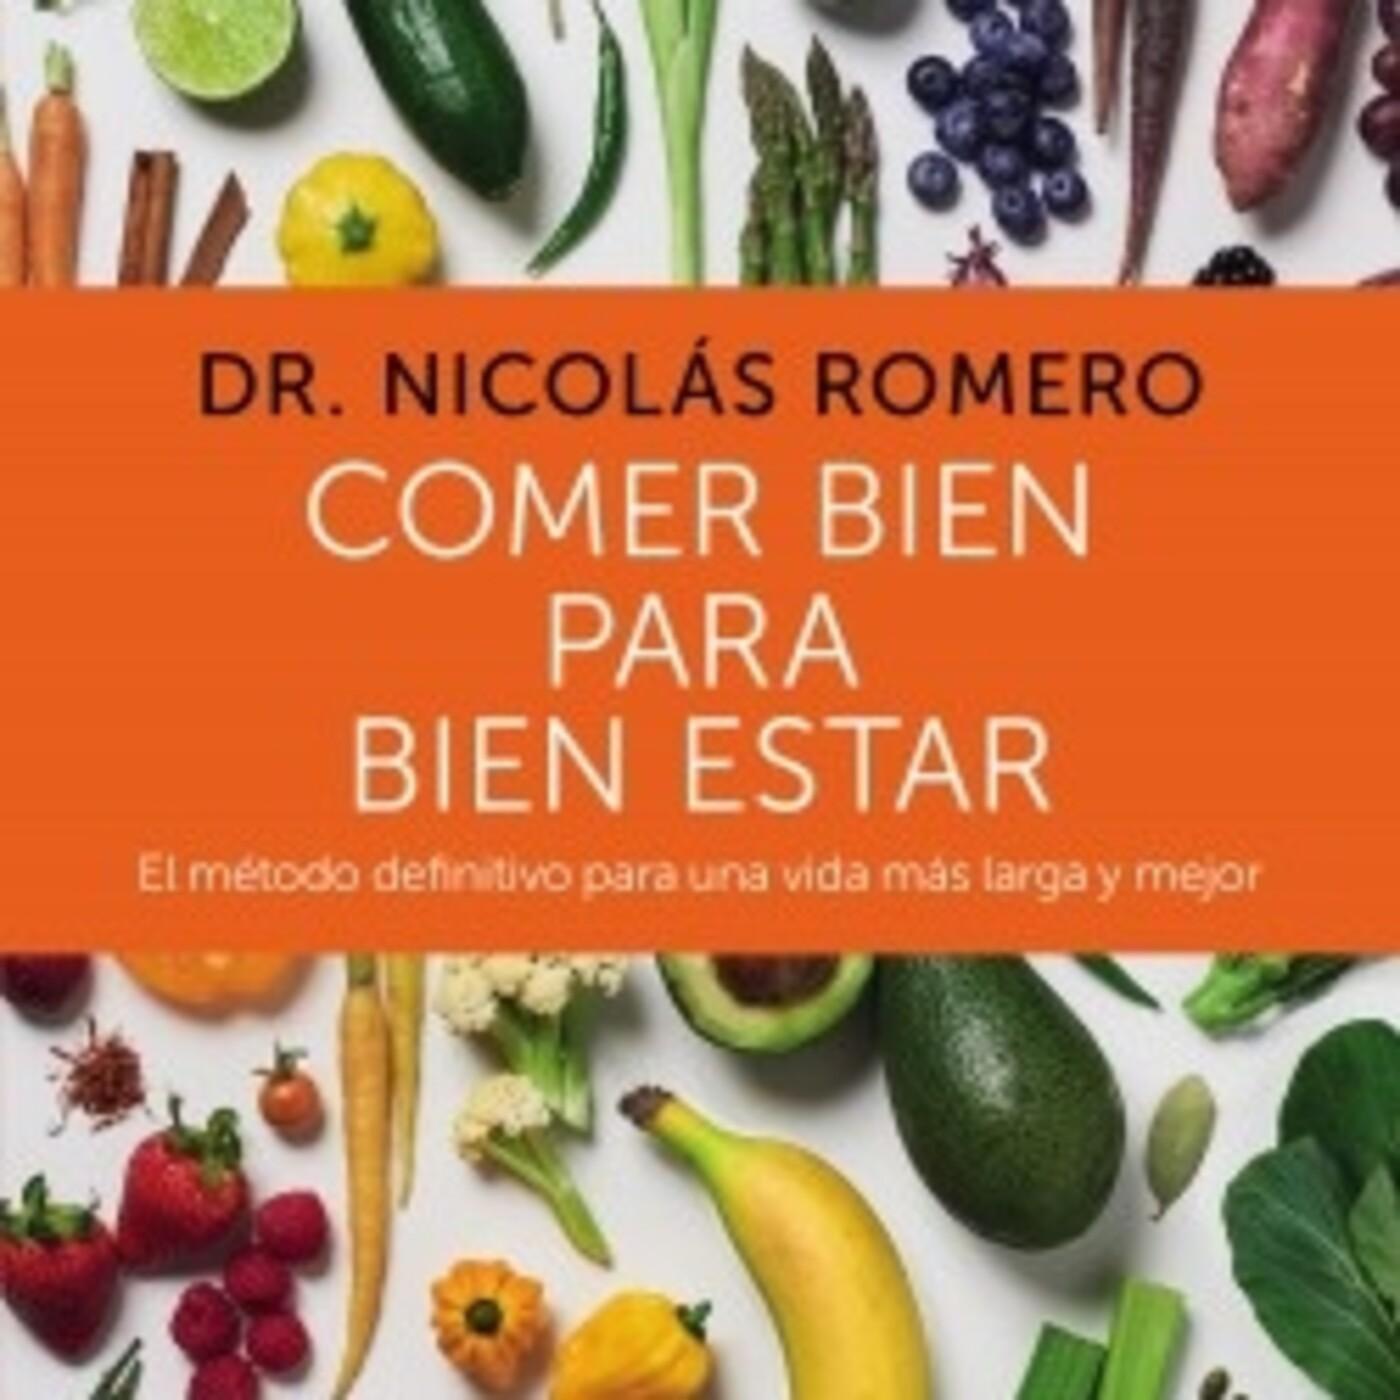 'Comer bien para bien estar' Dr. Nicolás Romero